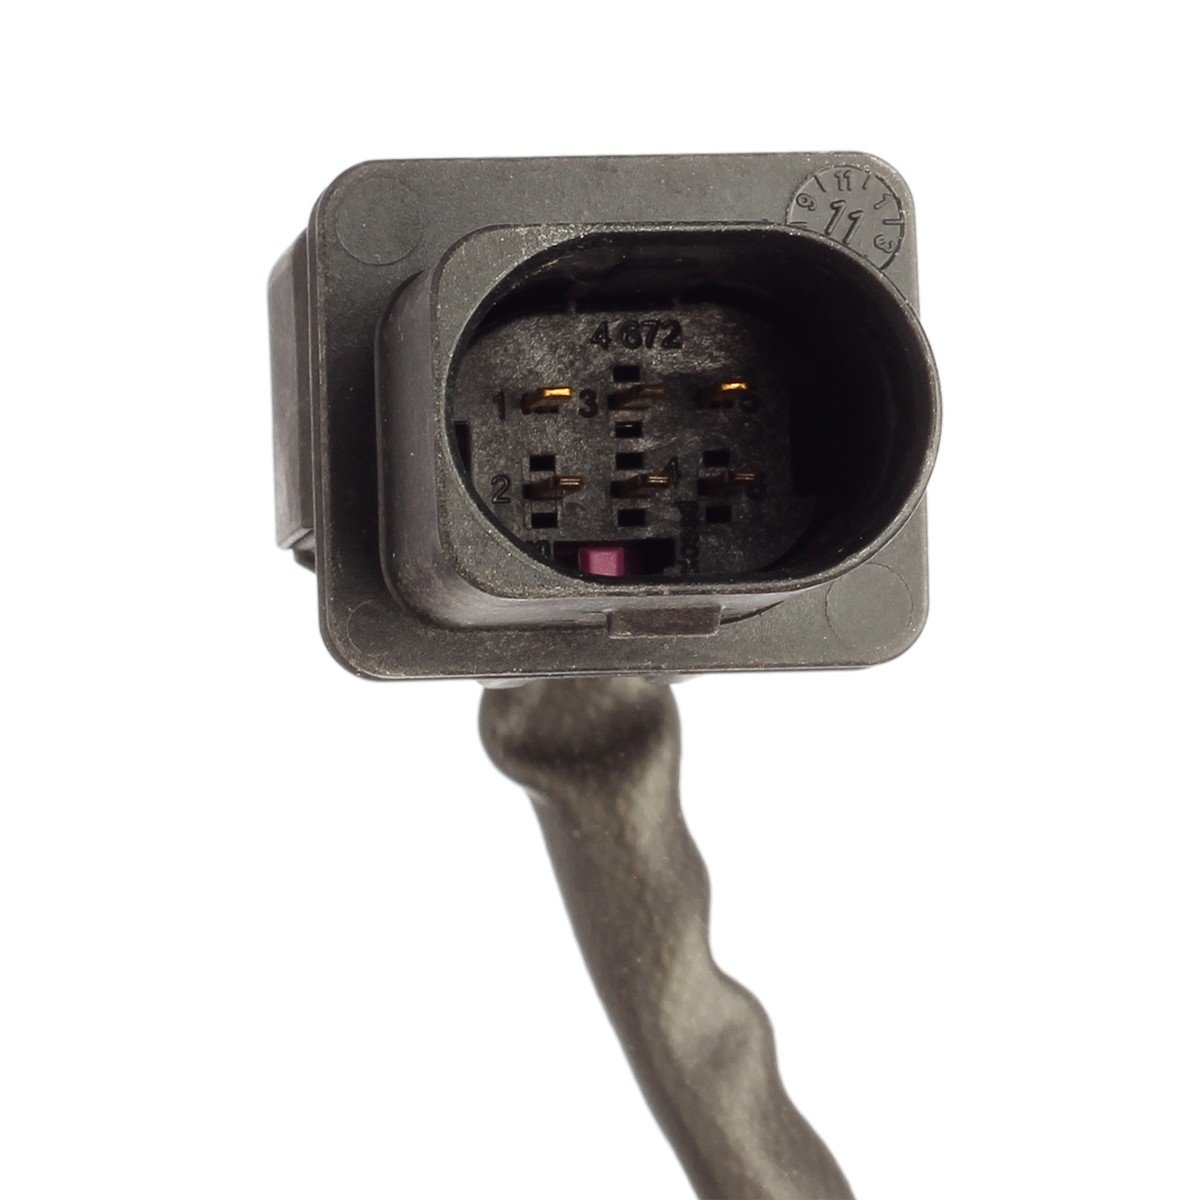 Kwiksen 4pcs After-Cat and Before-Cat Upstream//Downtream Compatible with Mercedes-Benz E350 Exc.4Matic V6-3.5L 2006-2009 Air Fuel Ratio Sensor /& Oxygen Sensor